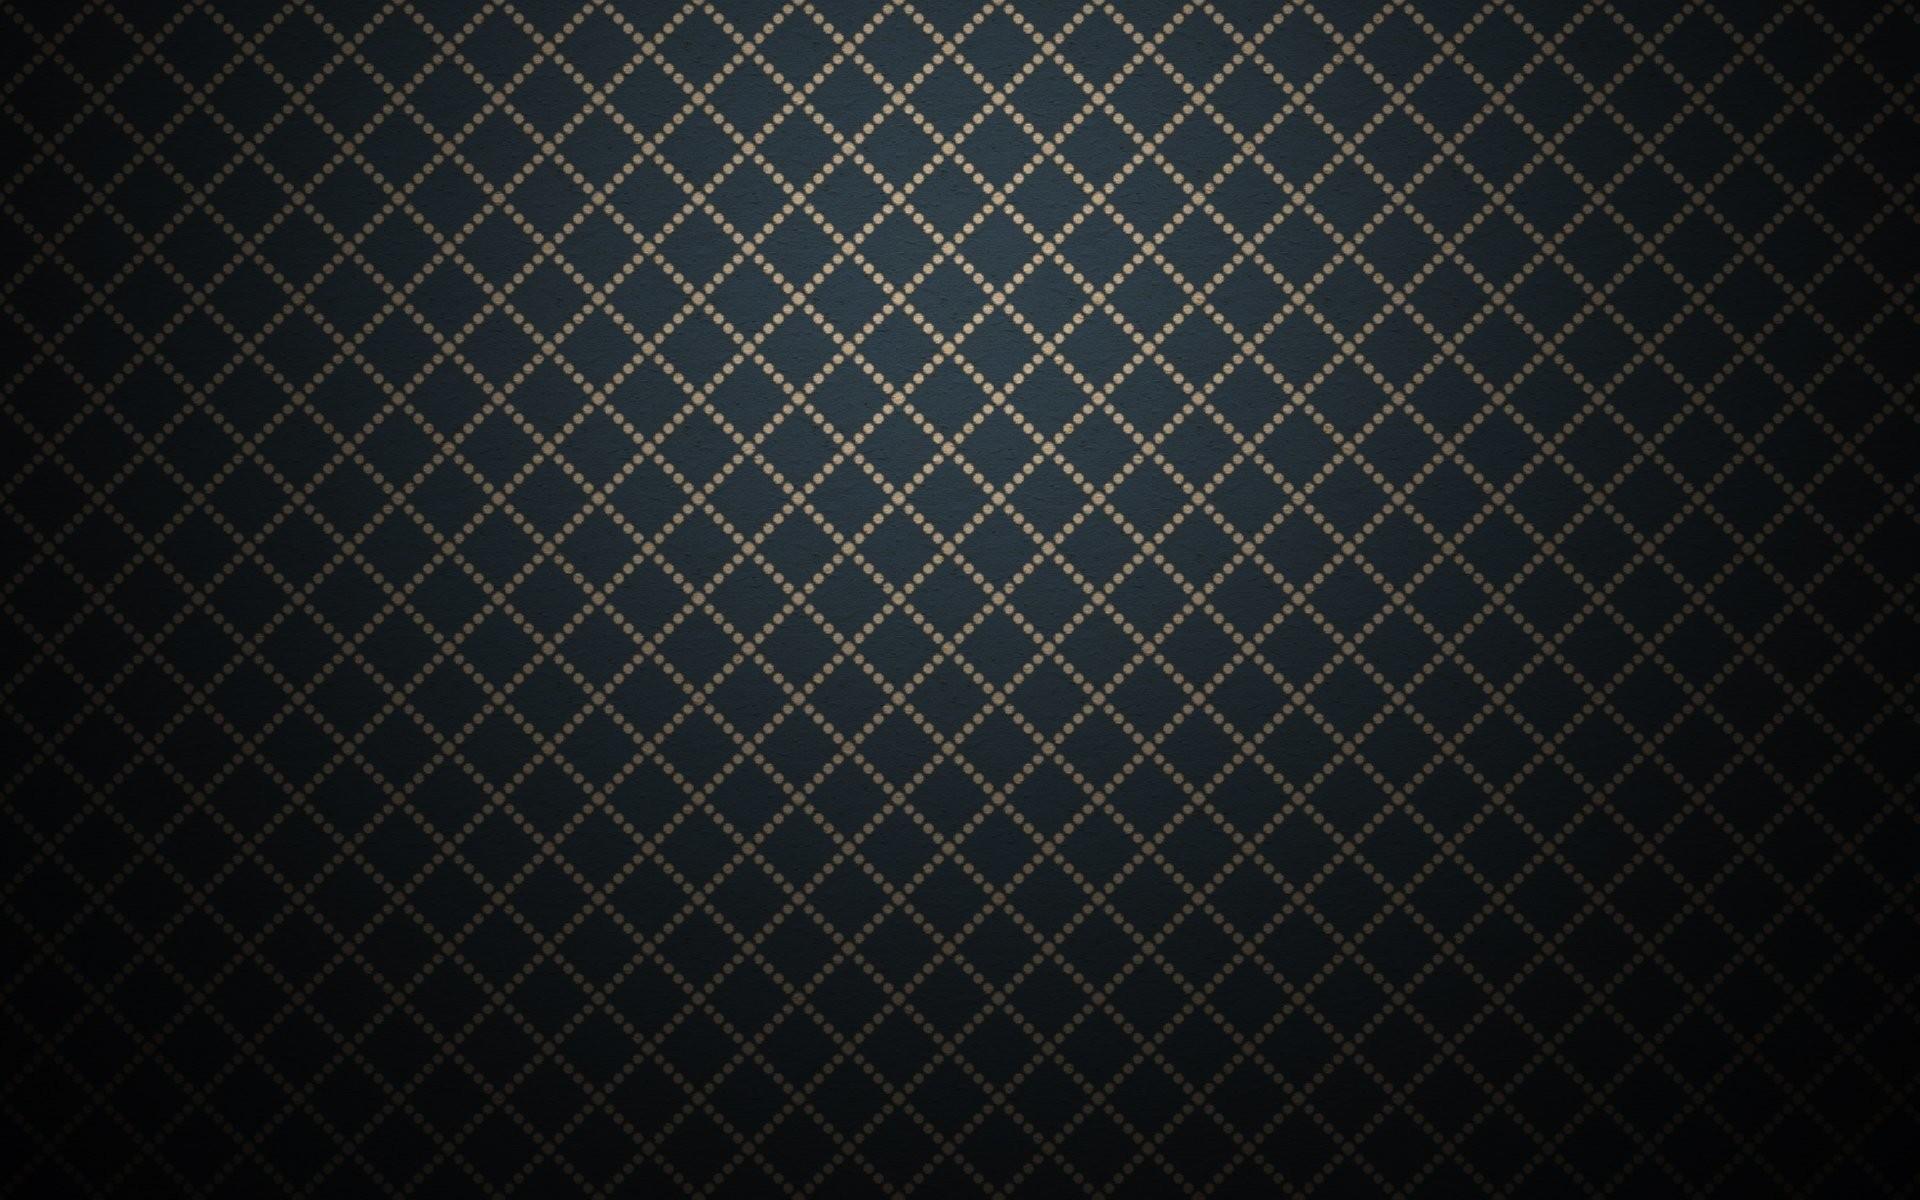 1920x1200 hd wallpaper background id376384